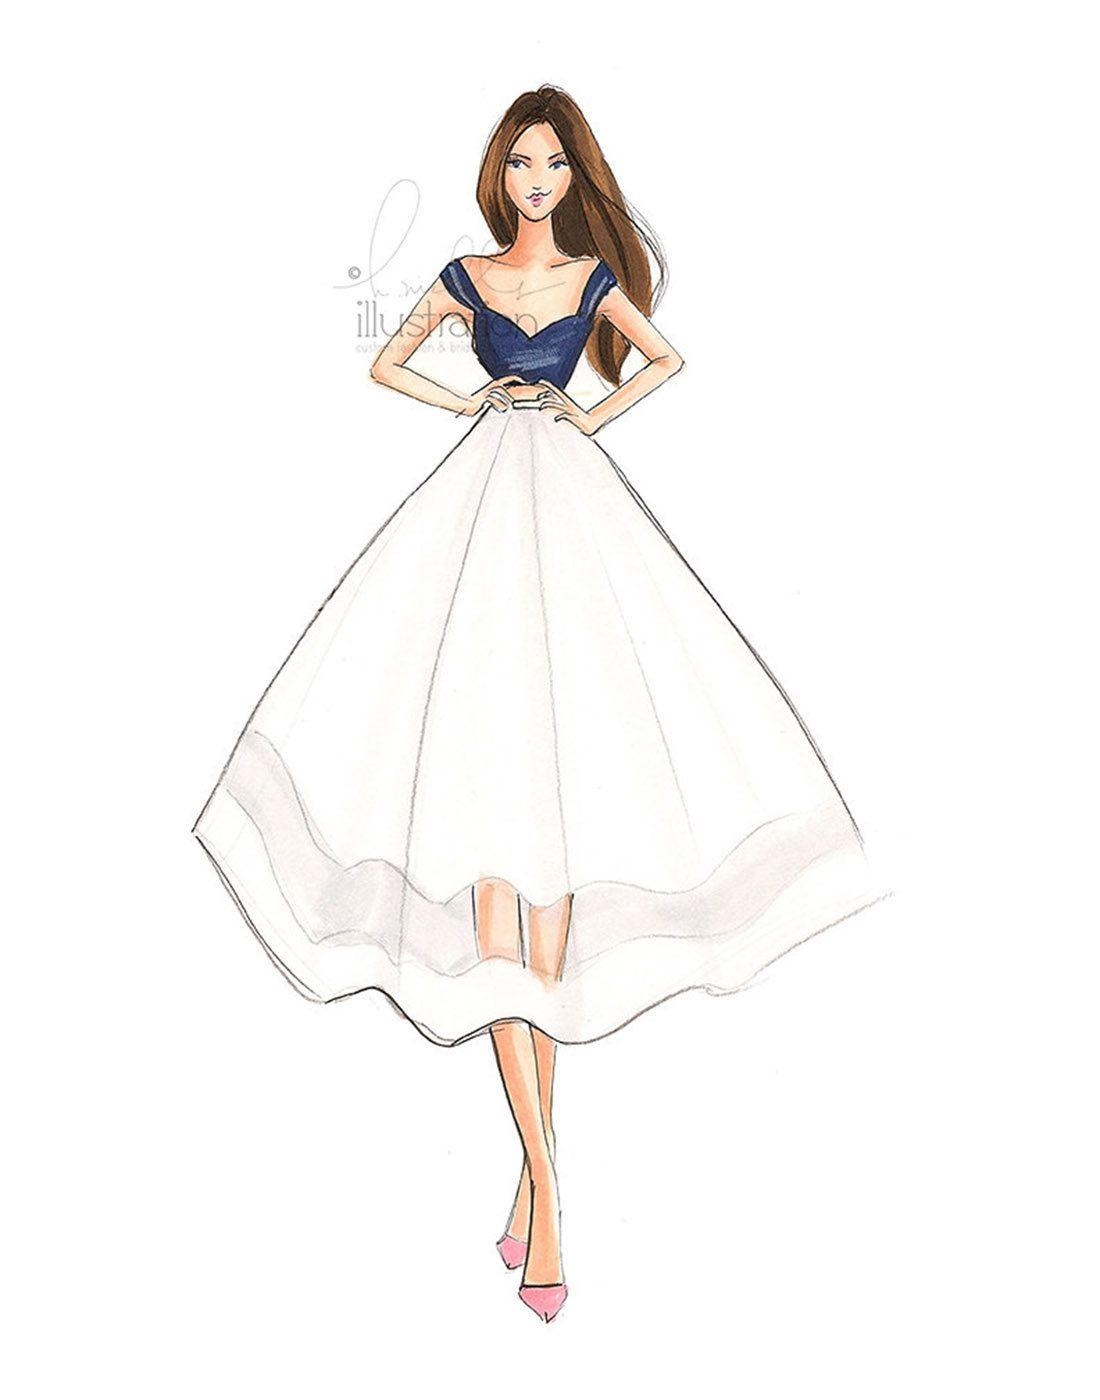 Bliss Fashion Illustration Print Etsy Moda Tasarimcilari Moda Karalamalari Moda Cizimleri